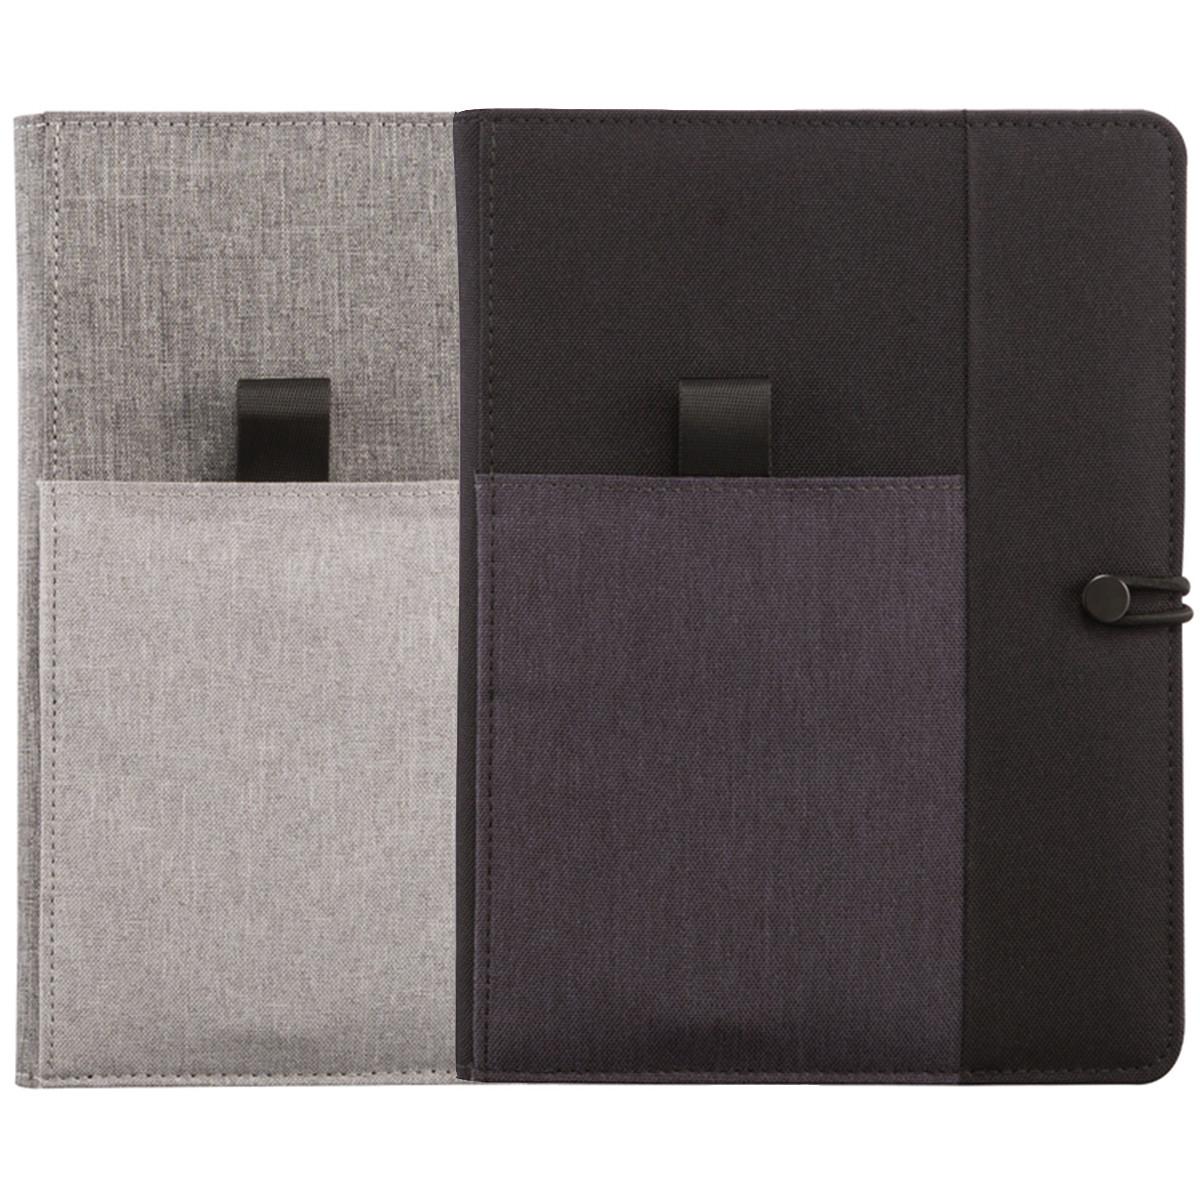 Органайзер-блокнот Kyoto с отделением под телефон, ручку и другие аксессуары (2 цвета на выбор)